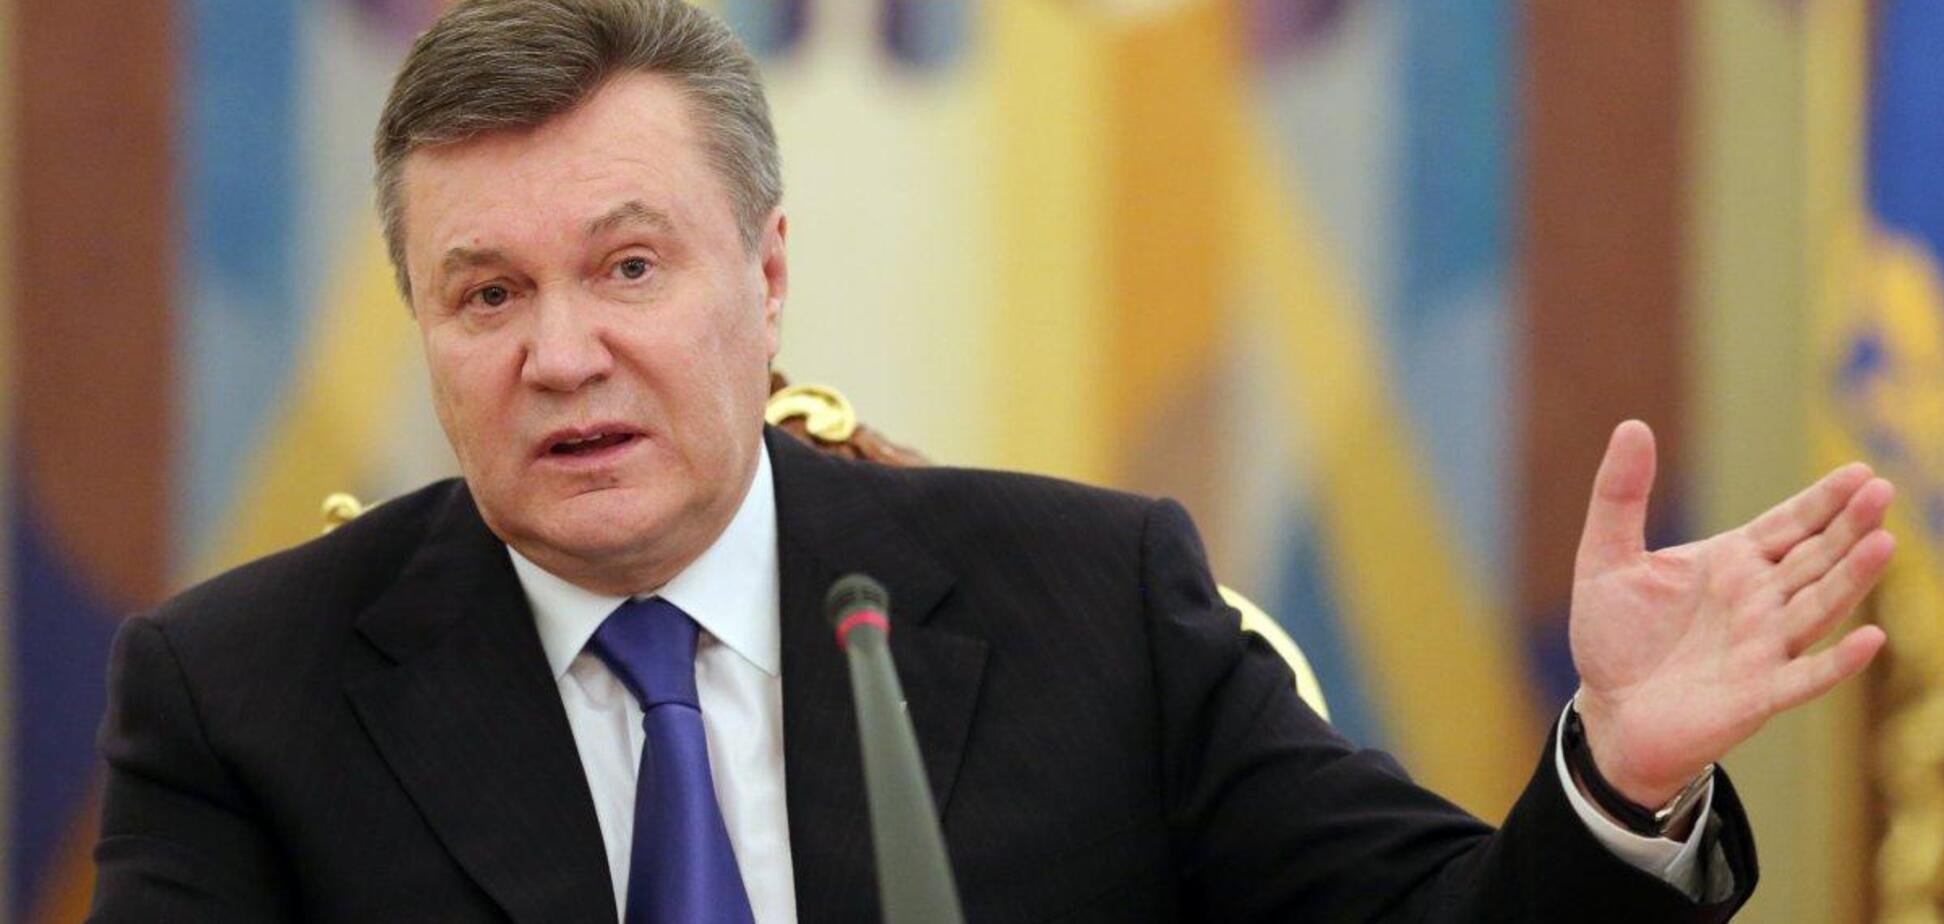 Суд ухвалив рішення про арешт Януковича